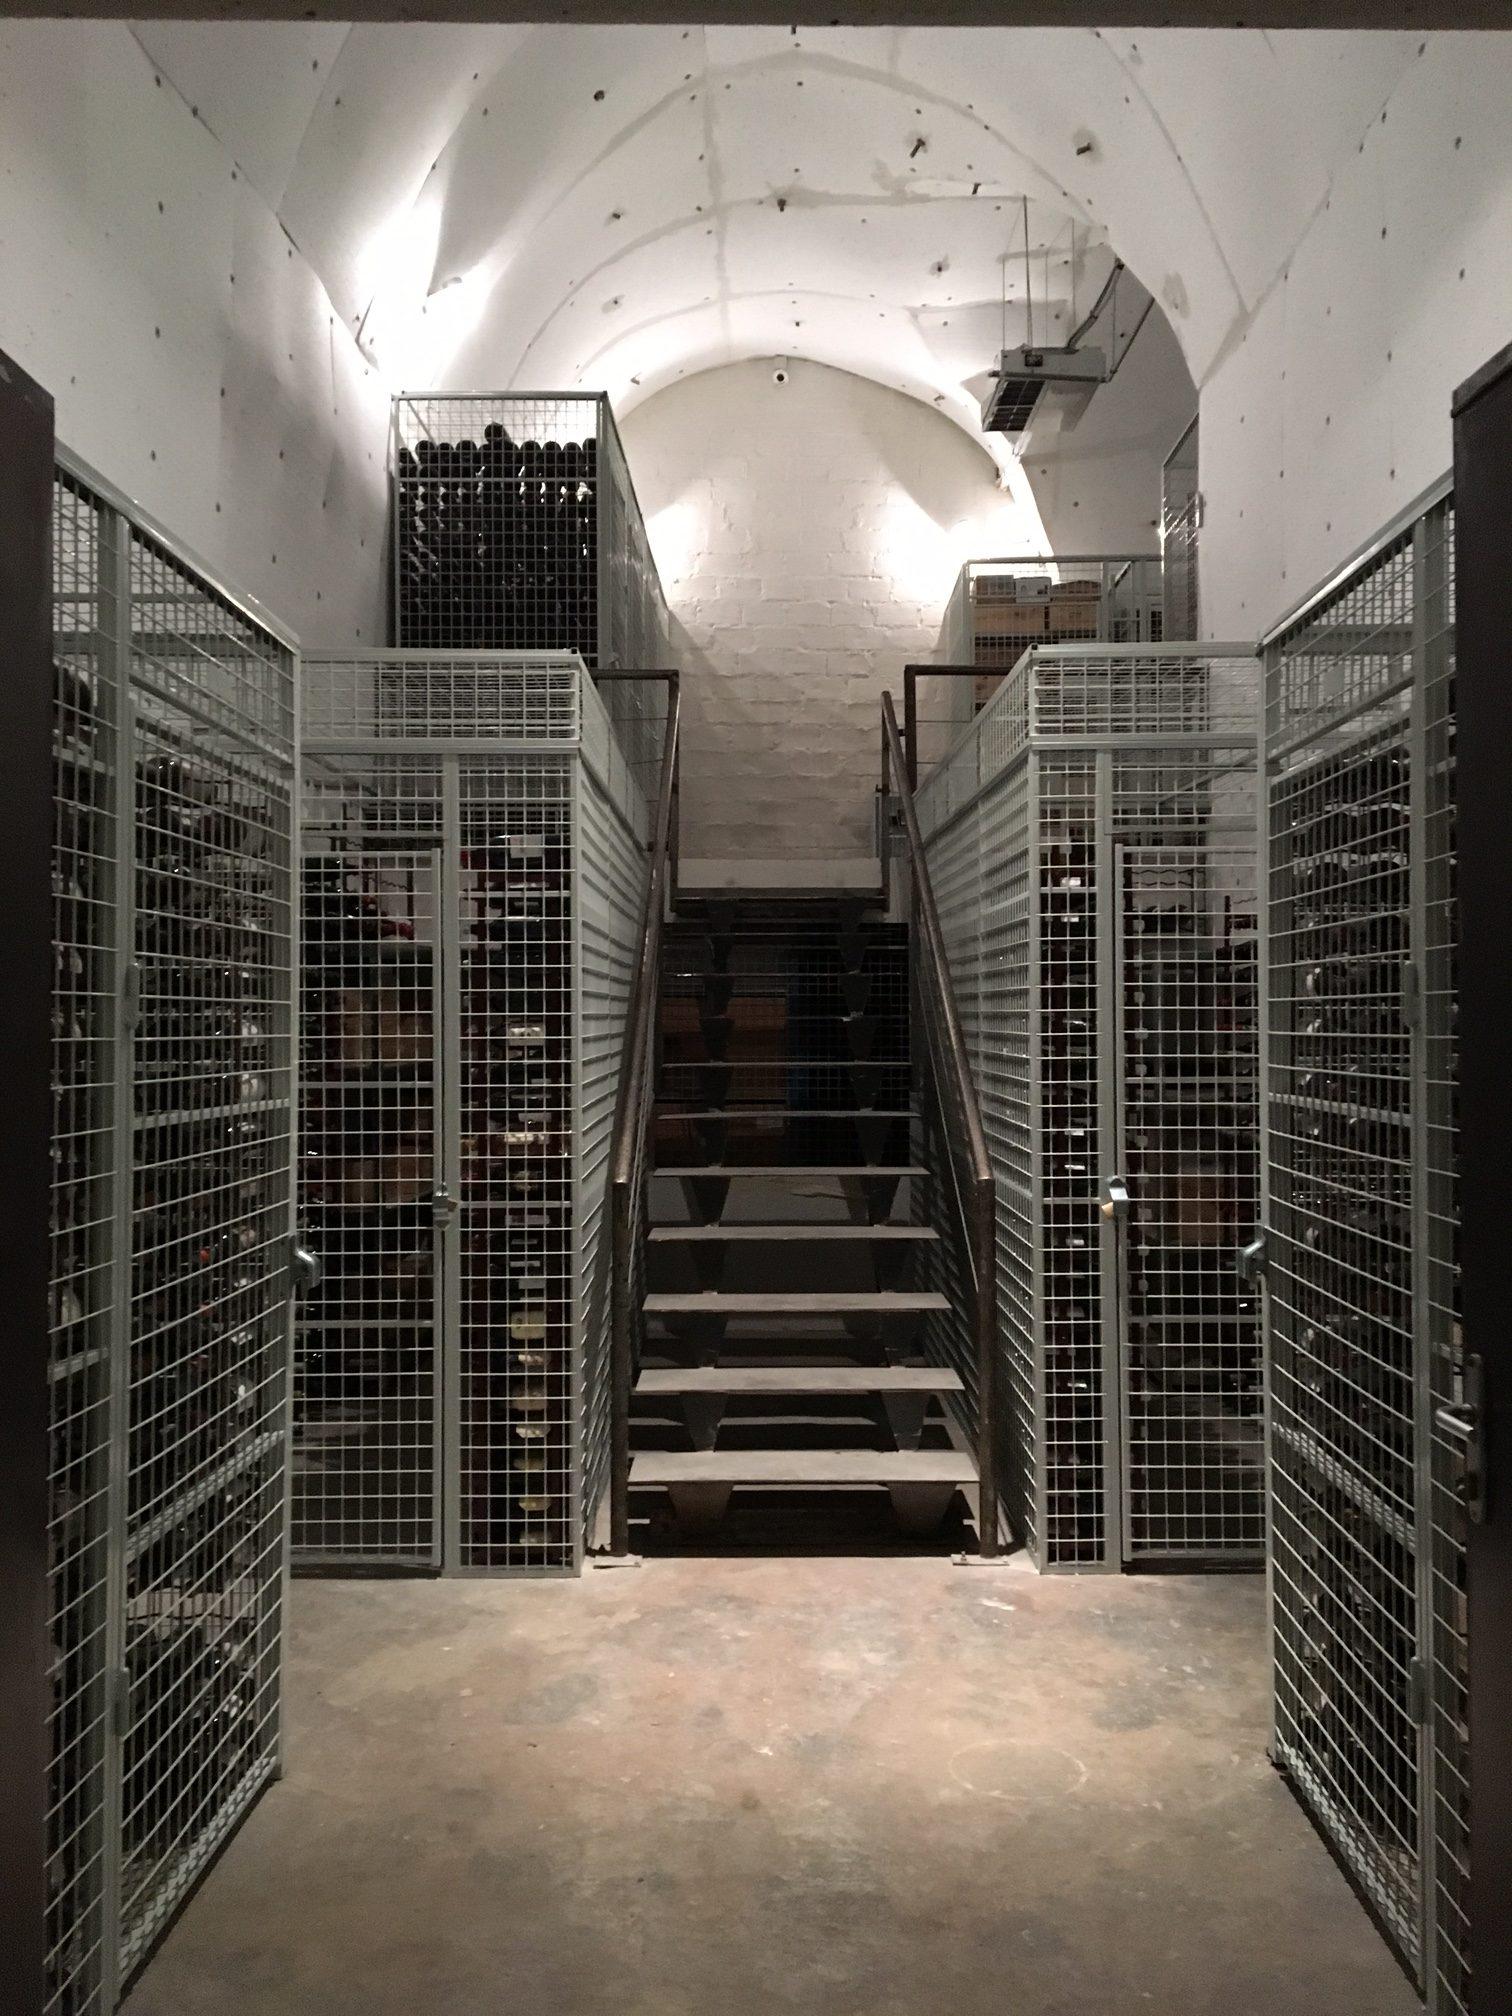 garde-vin-paris-issy-les-moulineauxstocker-son-vin-dans-une-cave-privative